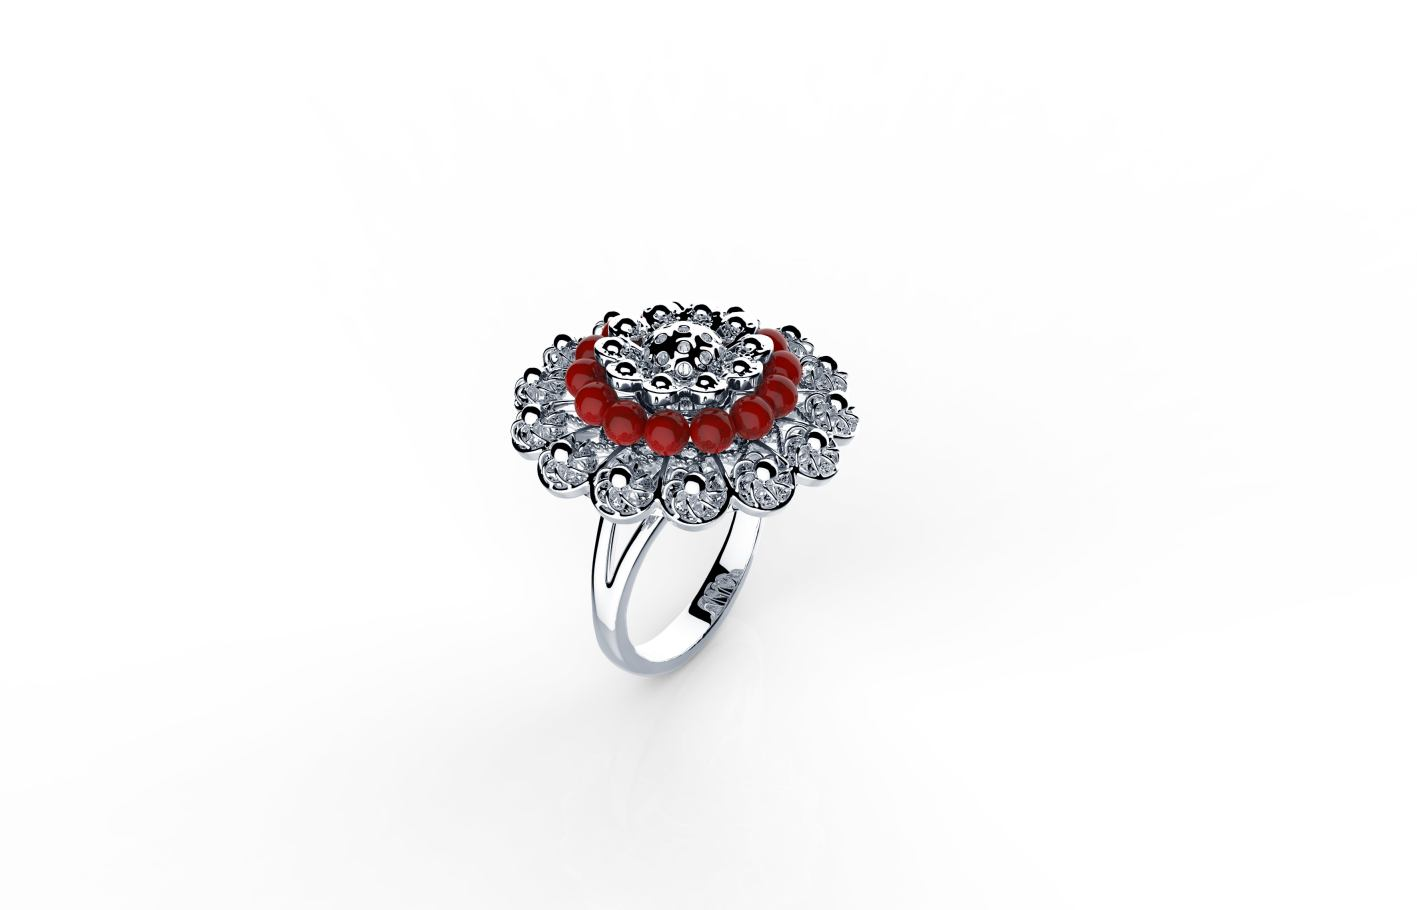 Srebrni prsten s koraljima, redovna cijena 760kn, s popustom 532kn_ARGENTUM